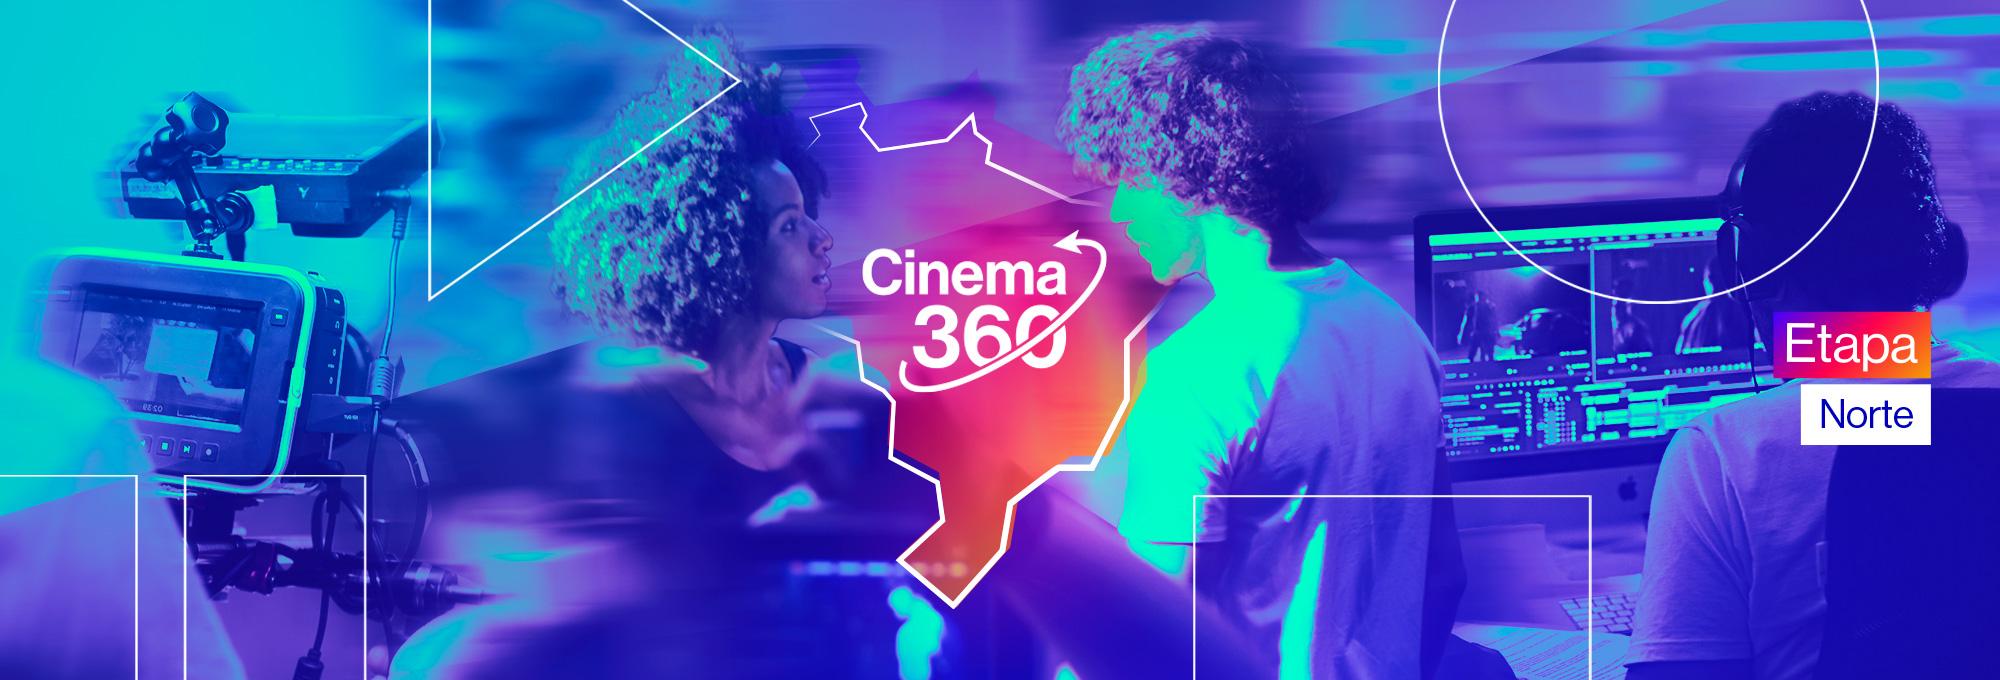 Projeto Cinema 360 – Etapa Norte